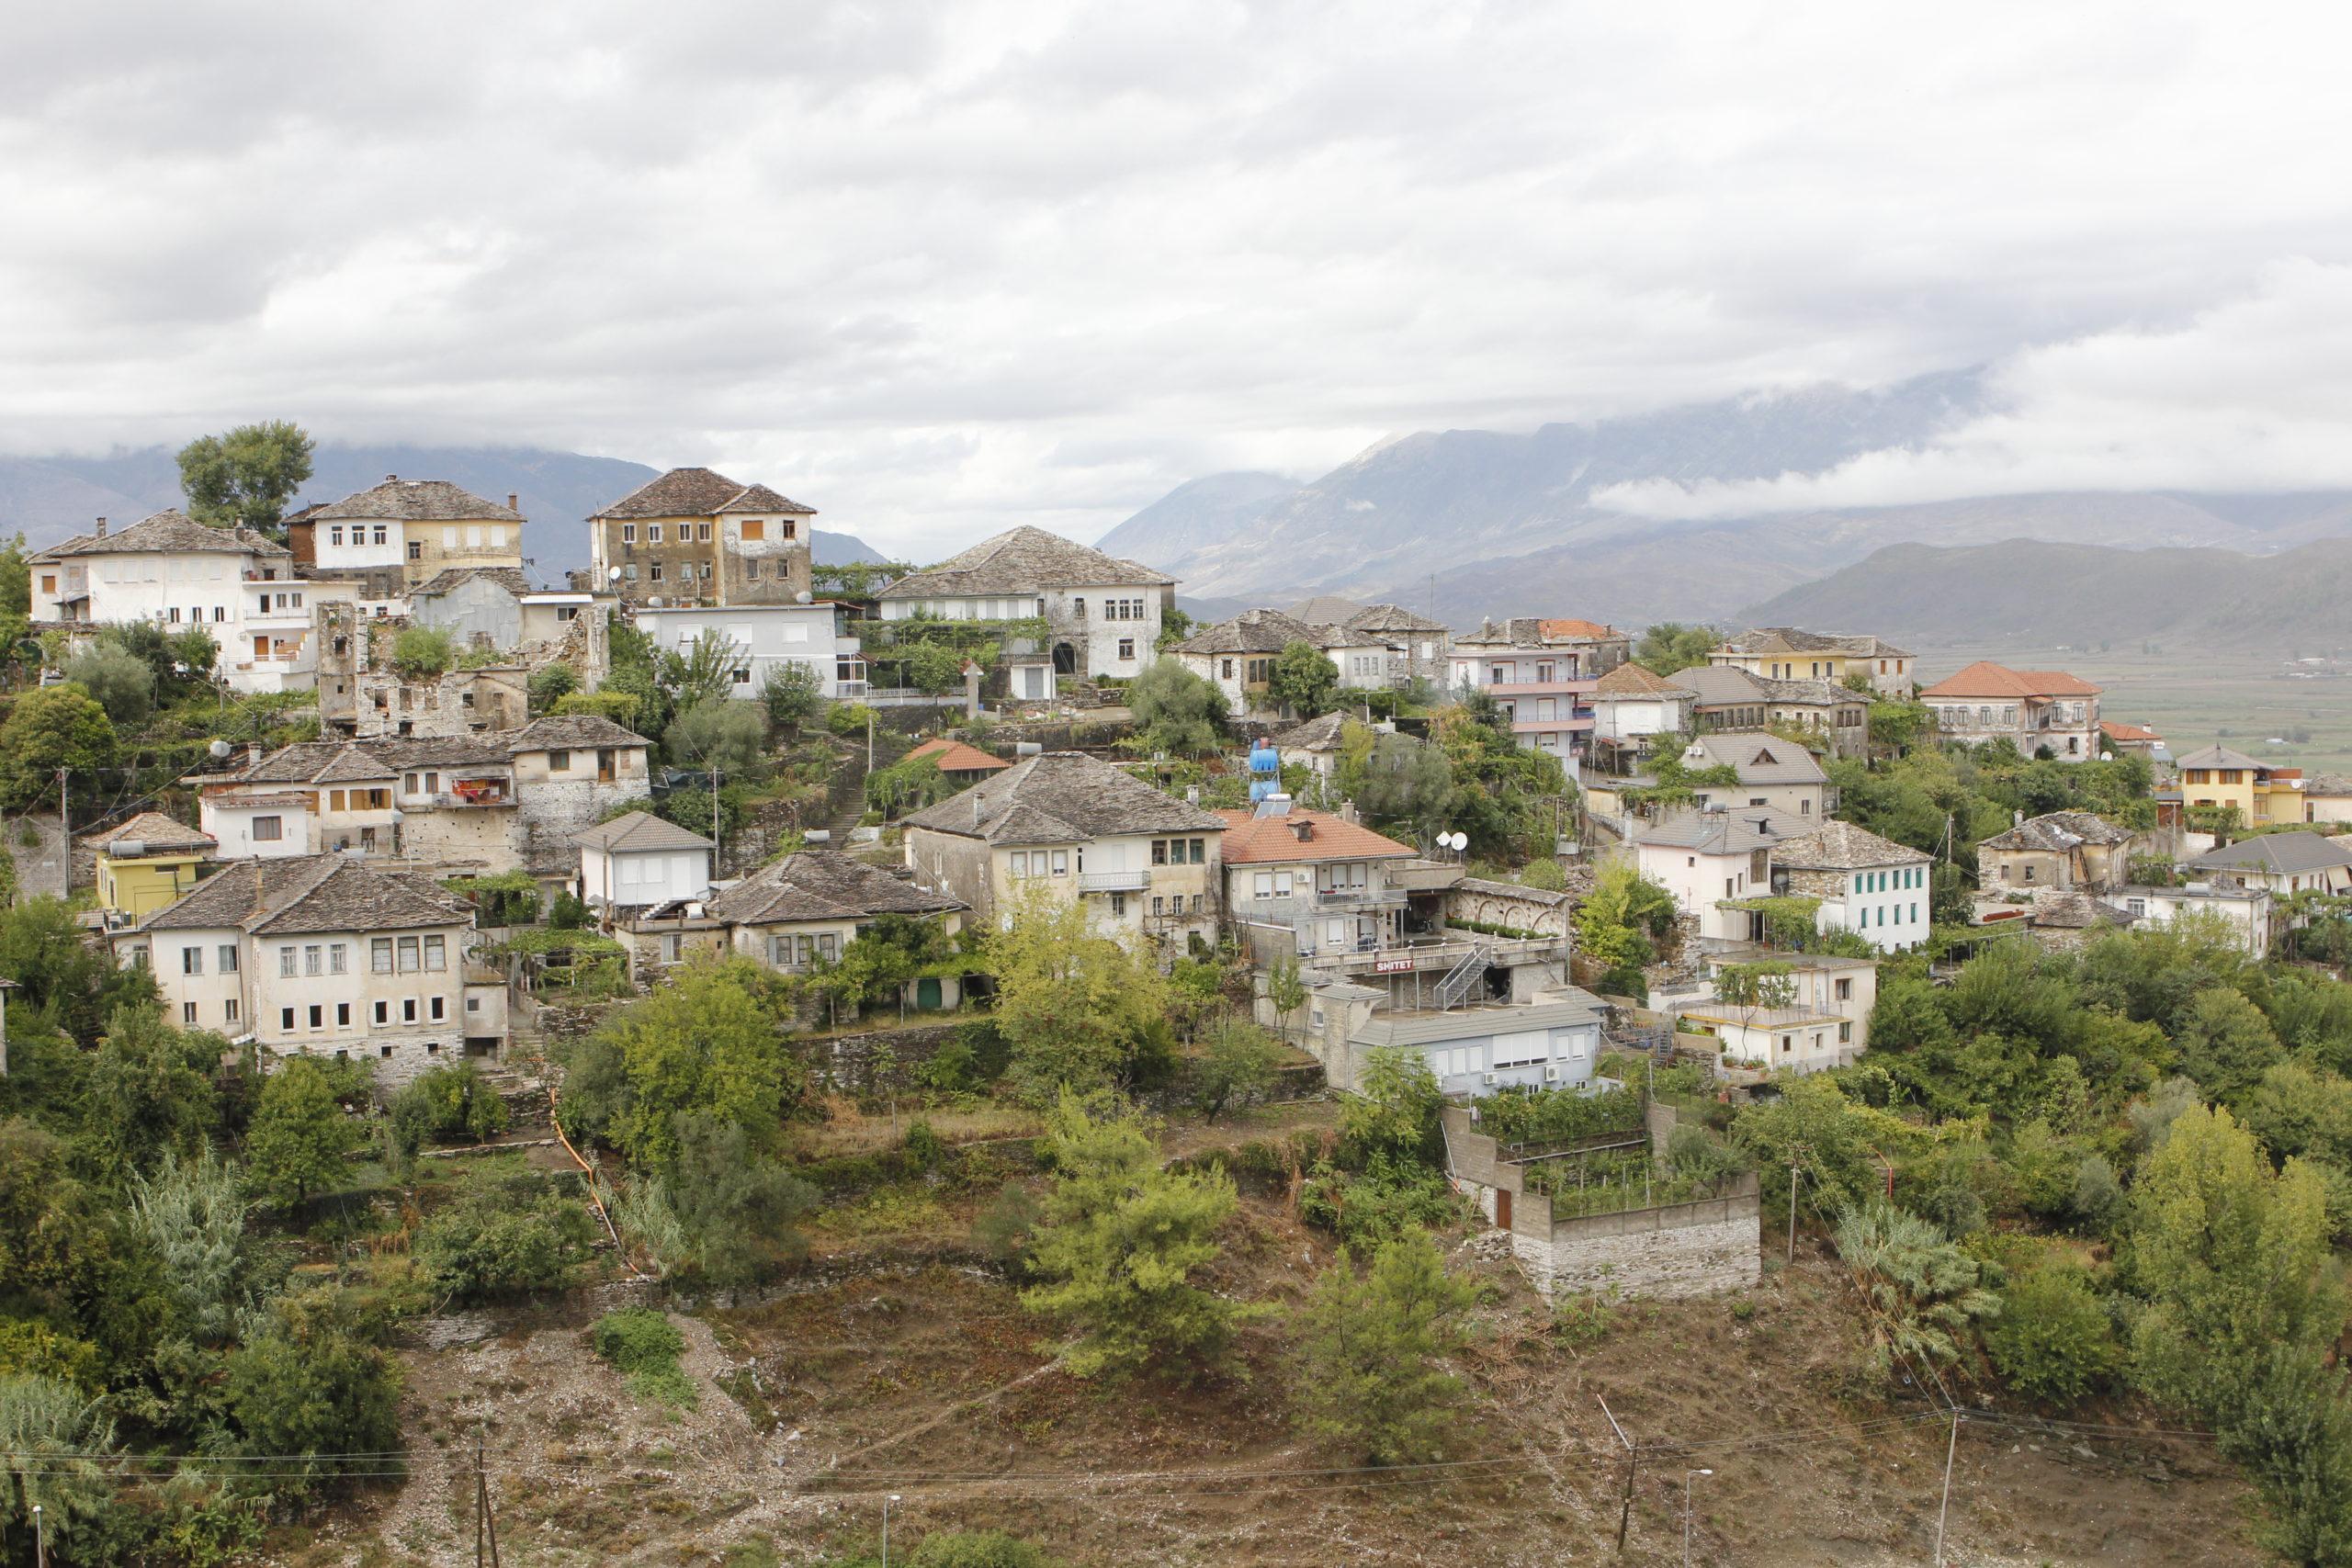 4x4 Abenteuerreise: Albanien so nah und doch so fremd 18